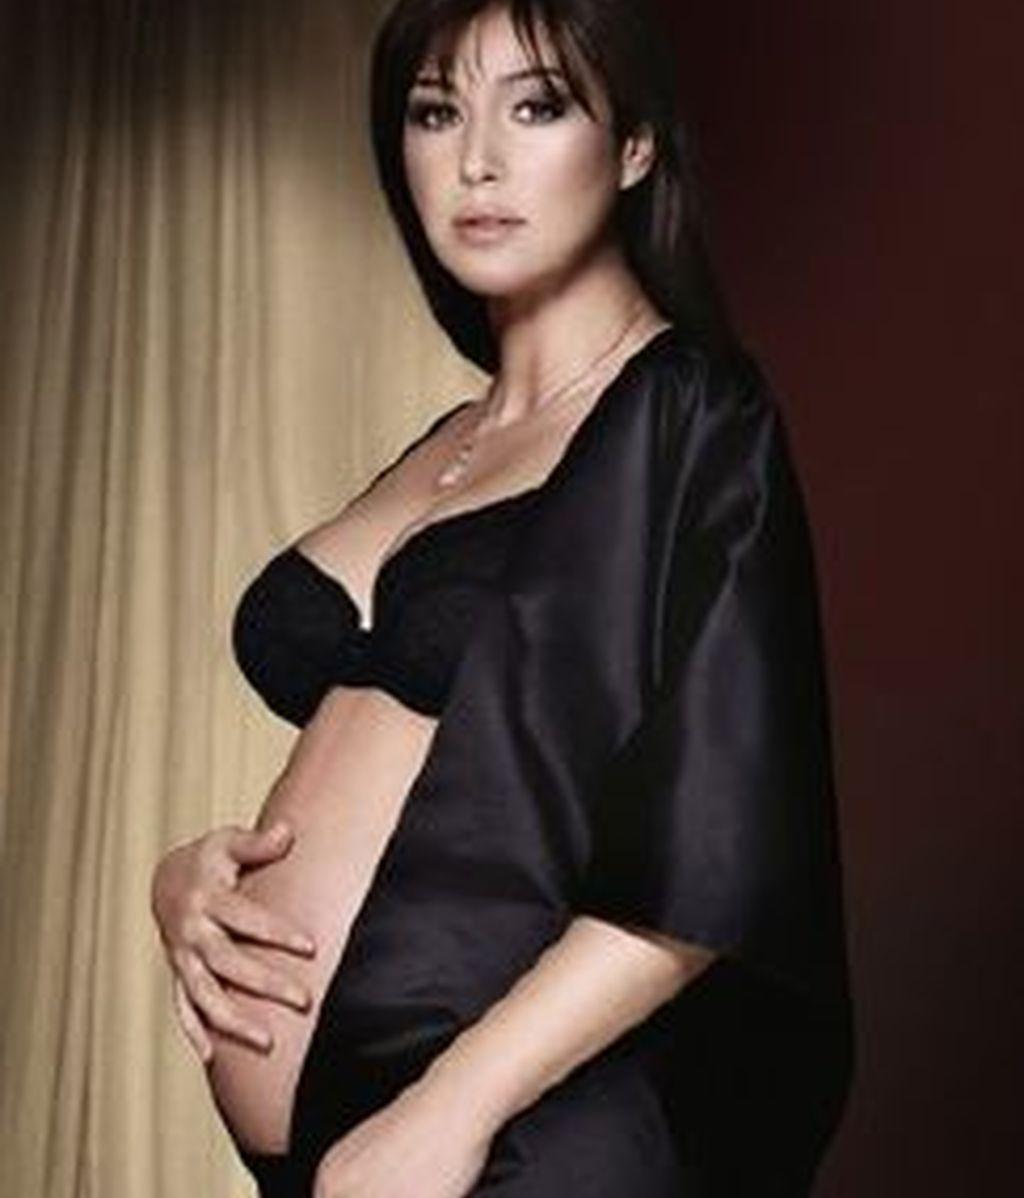 La actriz Monica Belluci en la portada de la revista 'Vanity Fair' luce su embarazo a los 45 años. Foto Vanity Fair.it